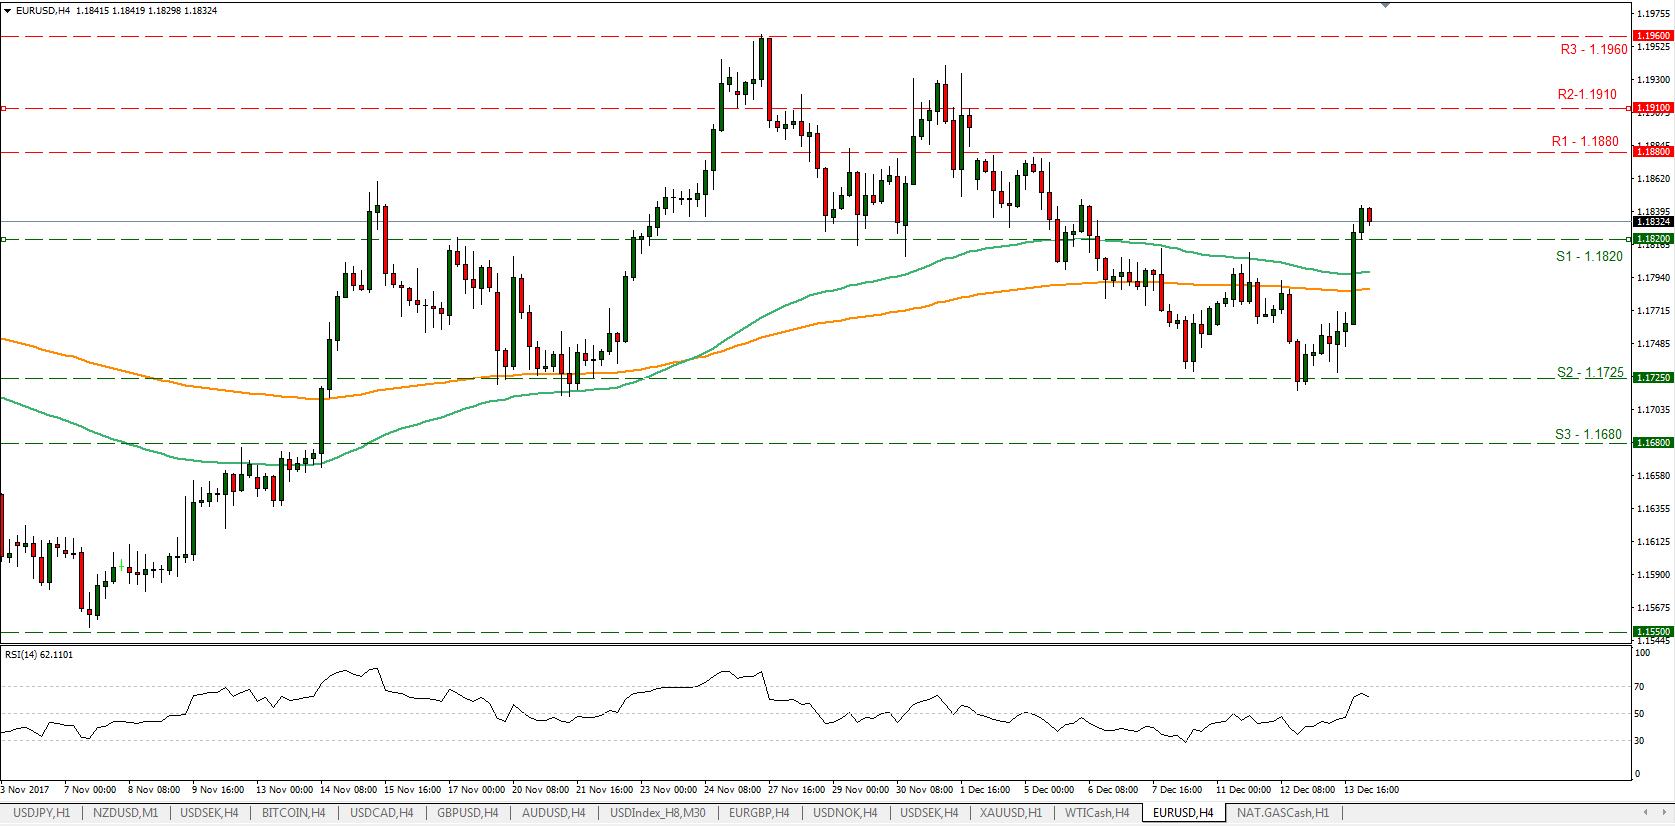 EUR/USD 4H 14/12/2017 | Econ Alerts